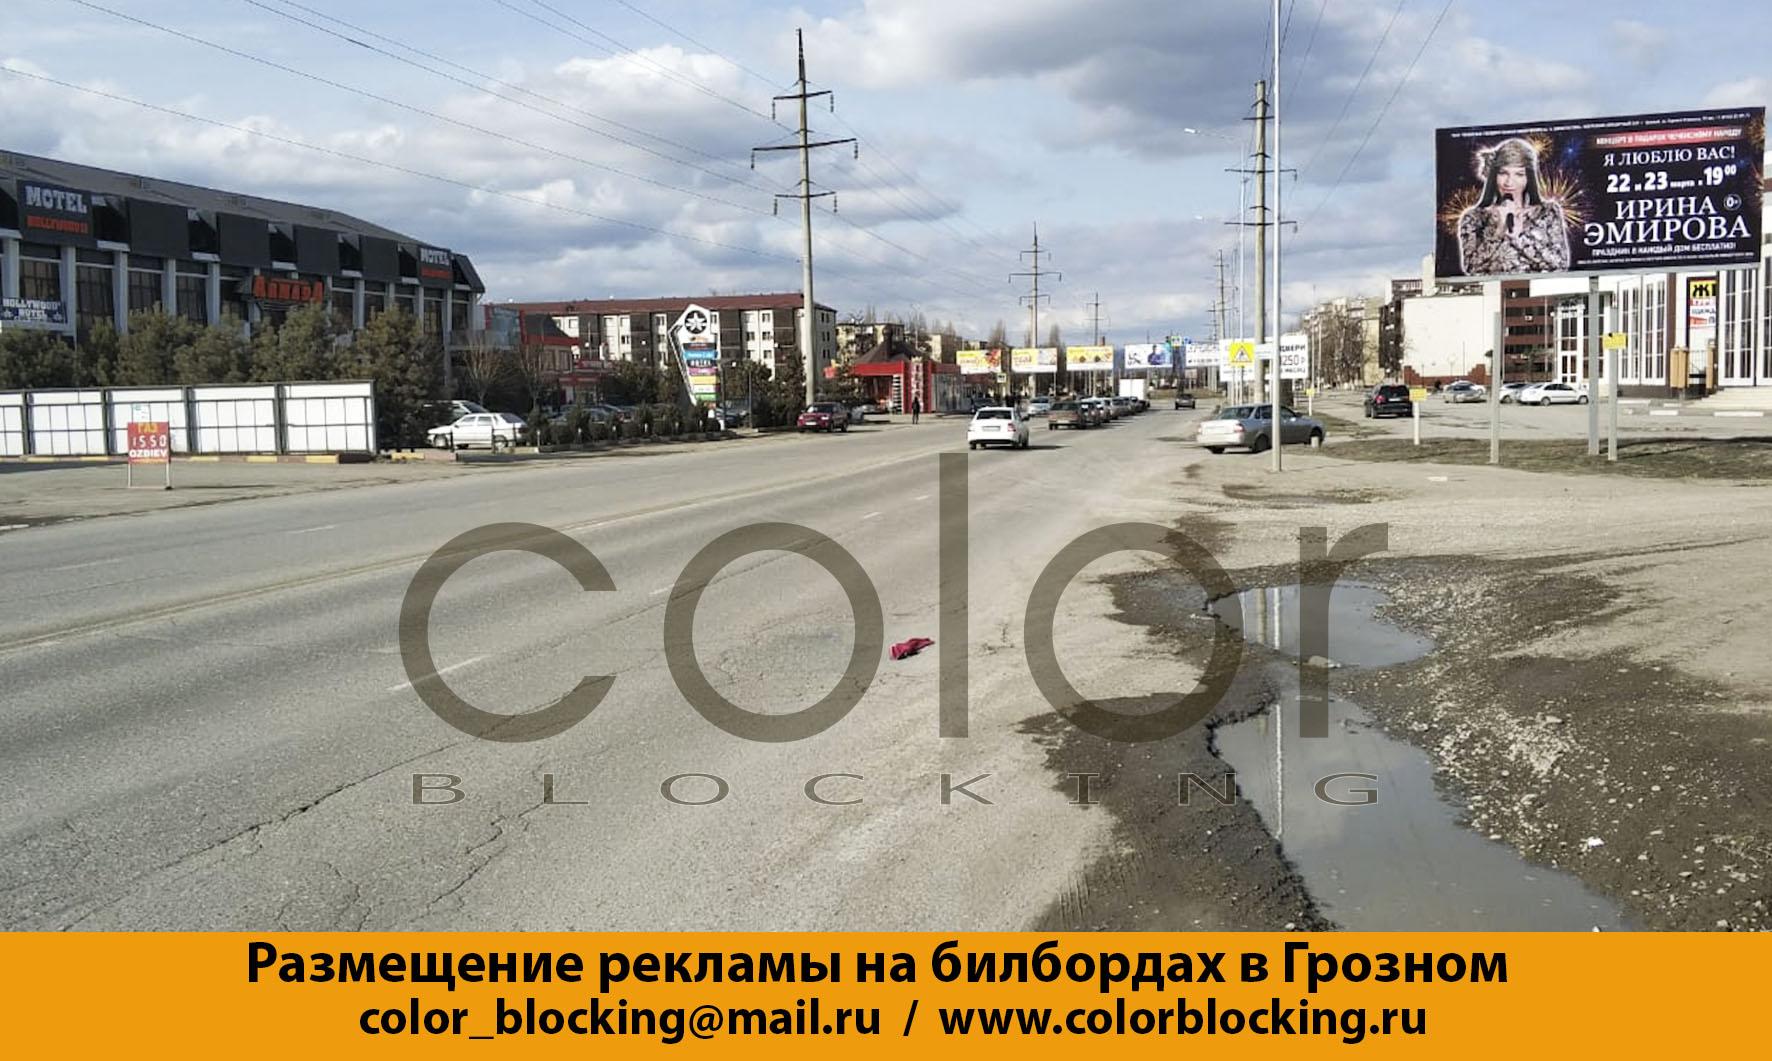 Реклама в Грозном на билбордах Восточная Объездная